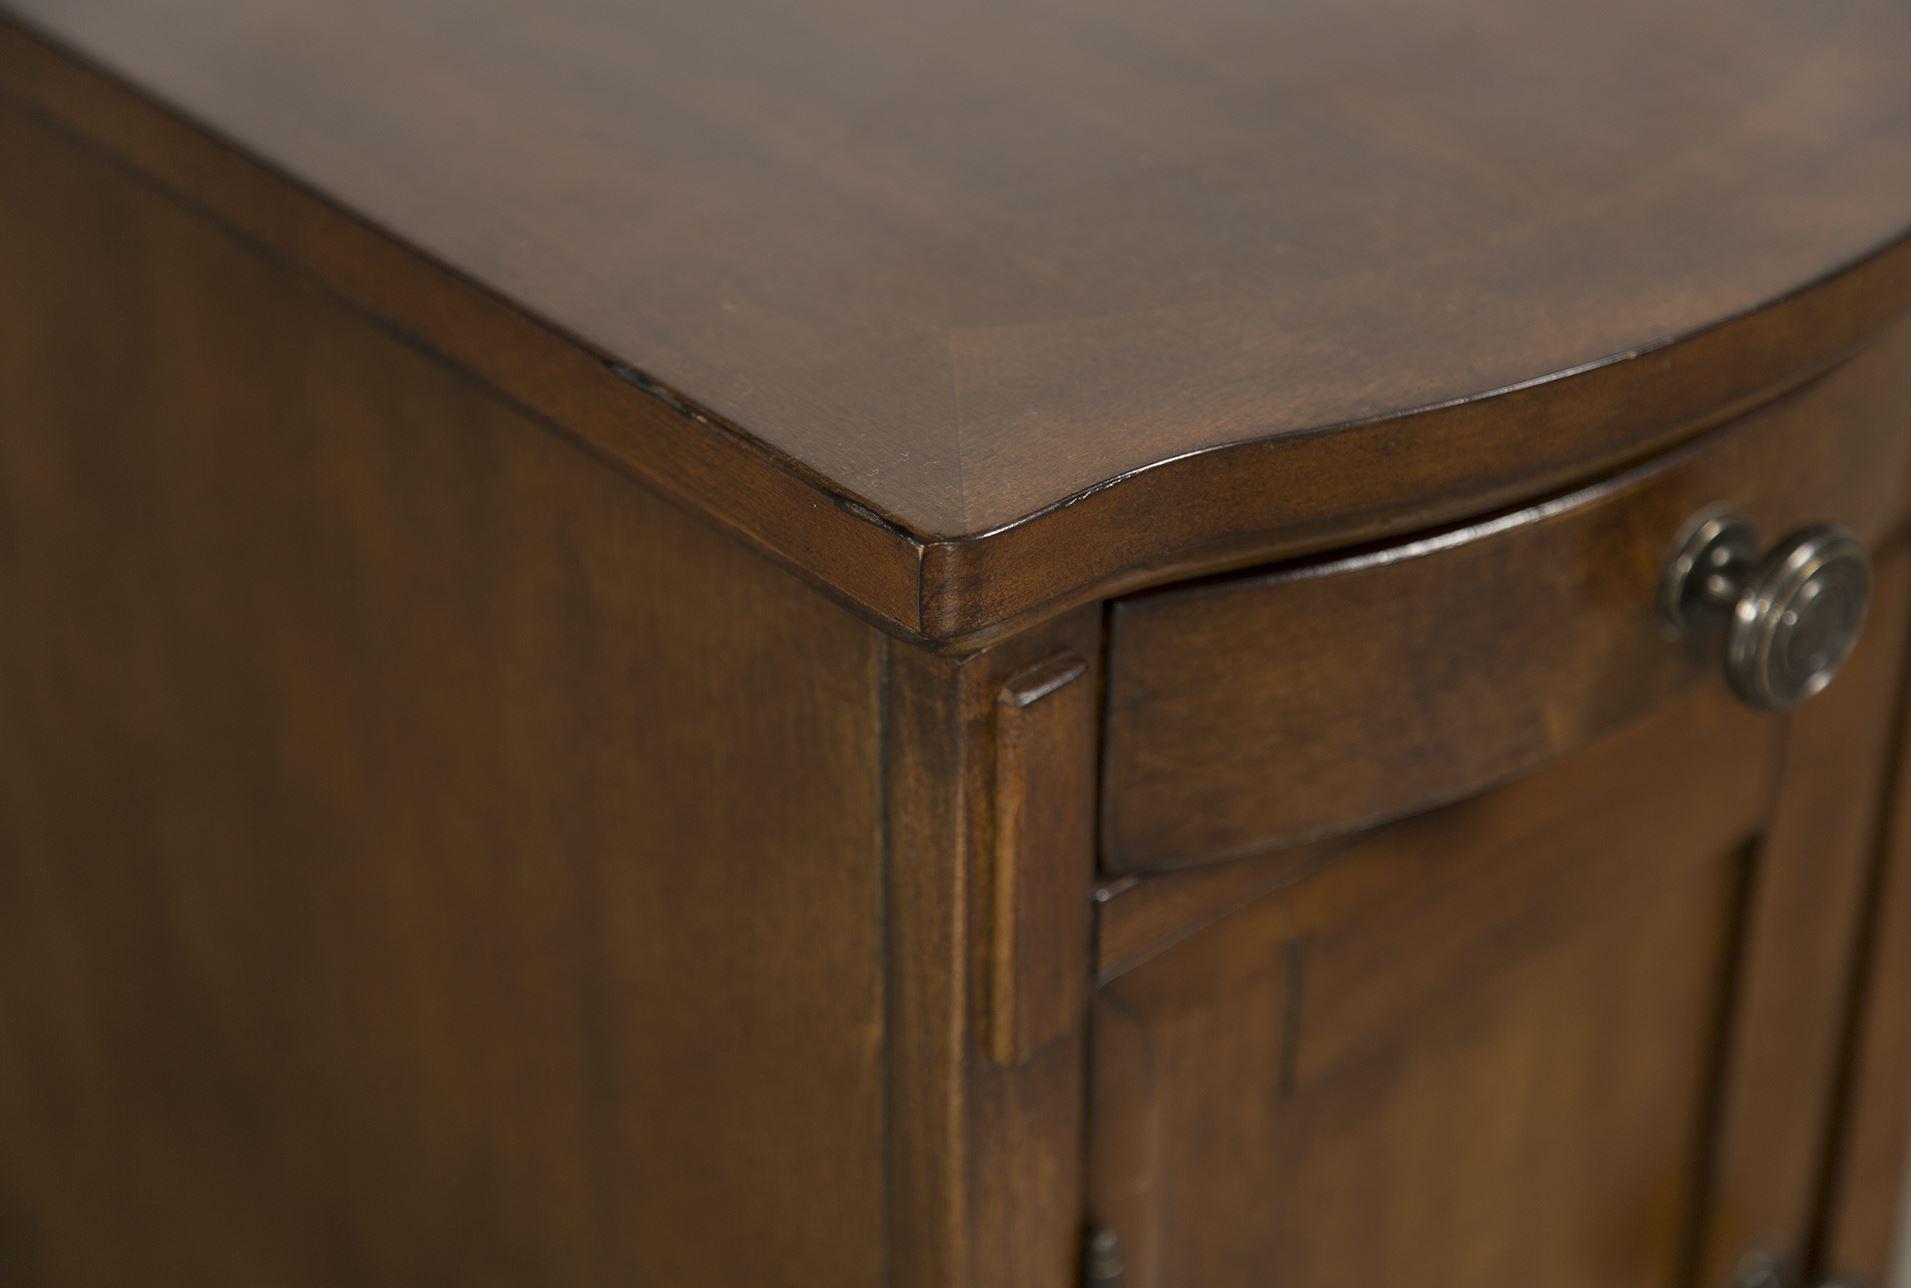 preloadTyson Power Chairside Table - Left